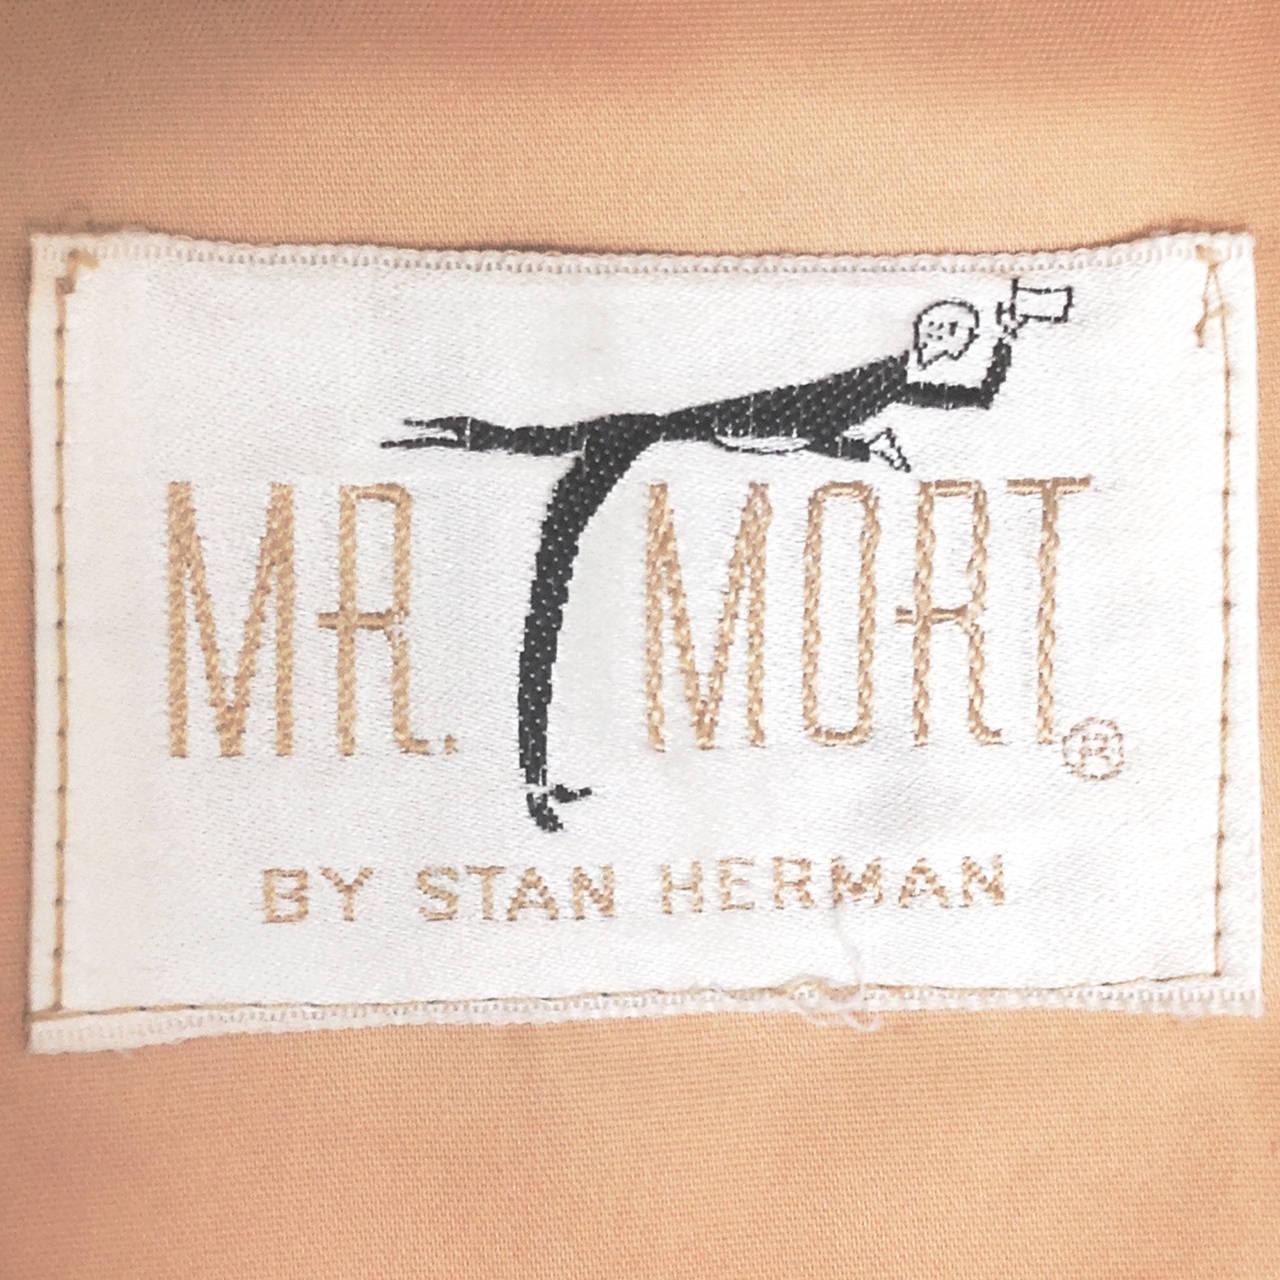 Mr. Mort Vintage 1960s Metallic Gold Lurex Coat Dress In Excellent Condition For Sale In Sparks, NV